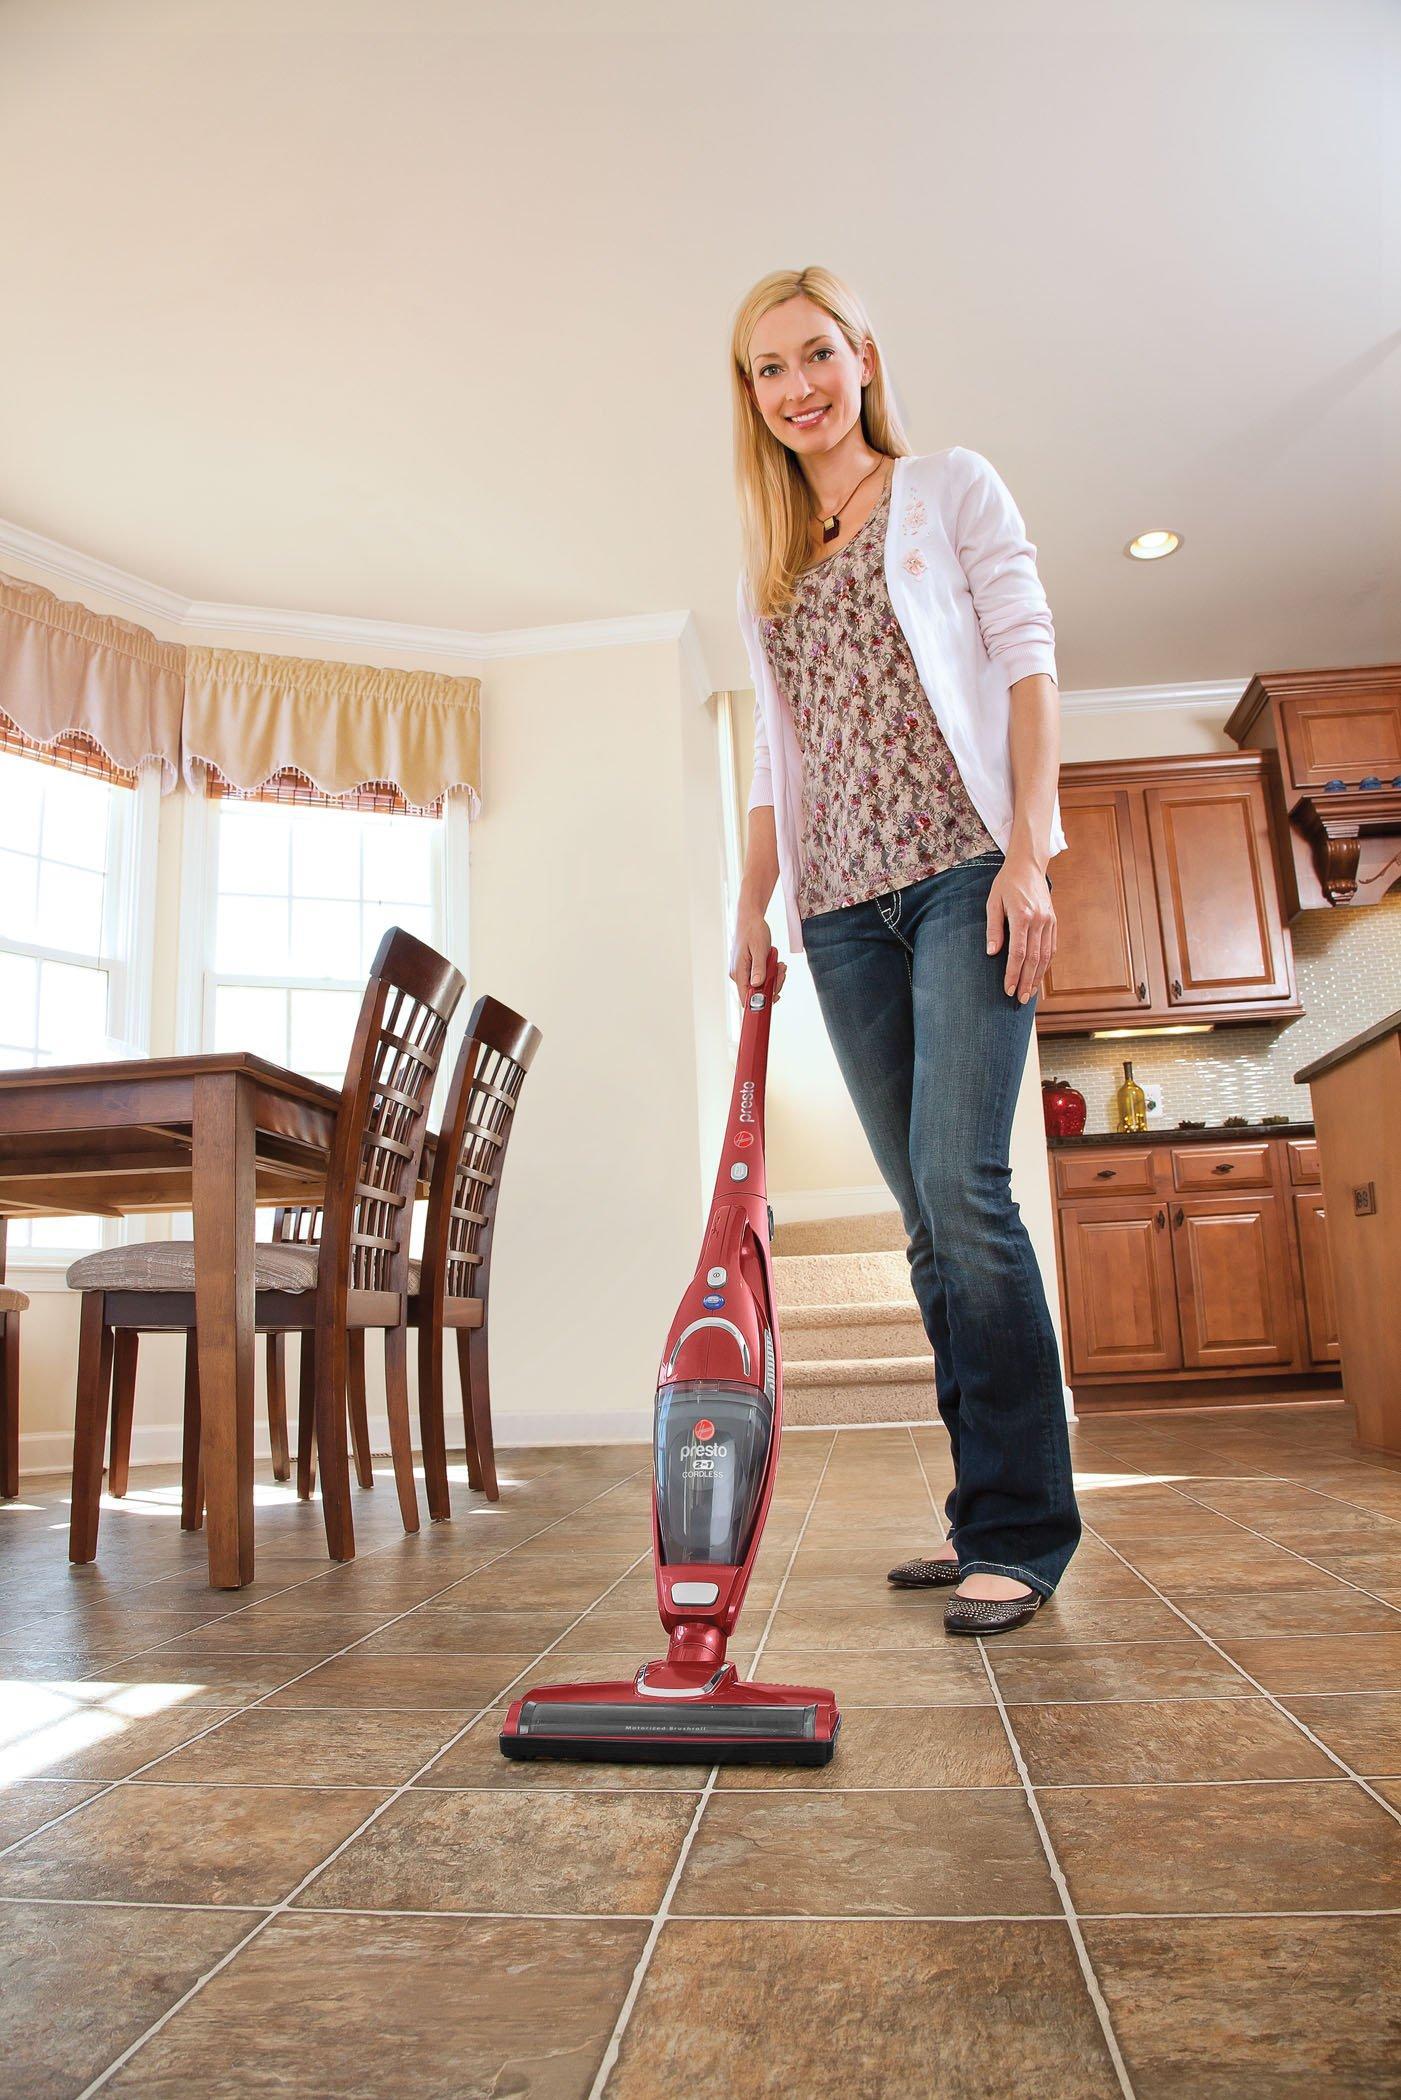 Presto 2-in-1 Cordless Stick Vacuum3